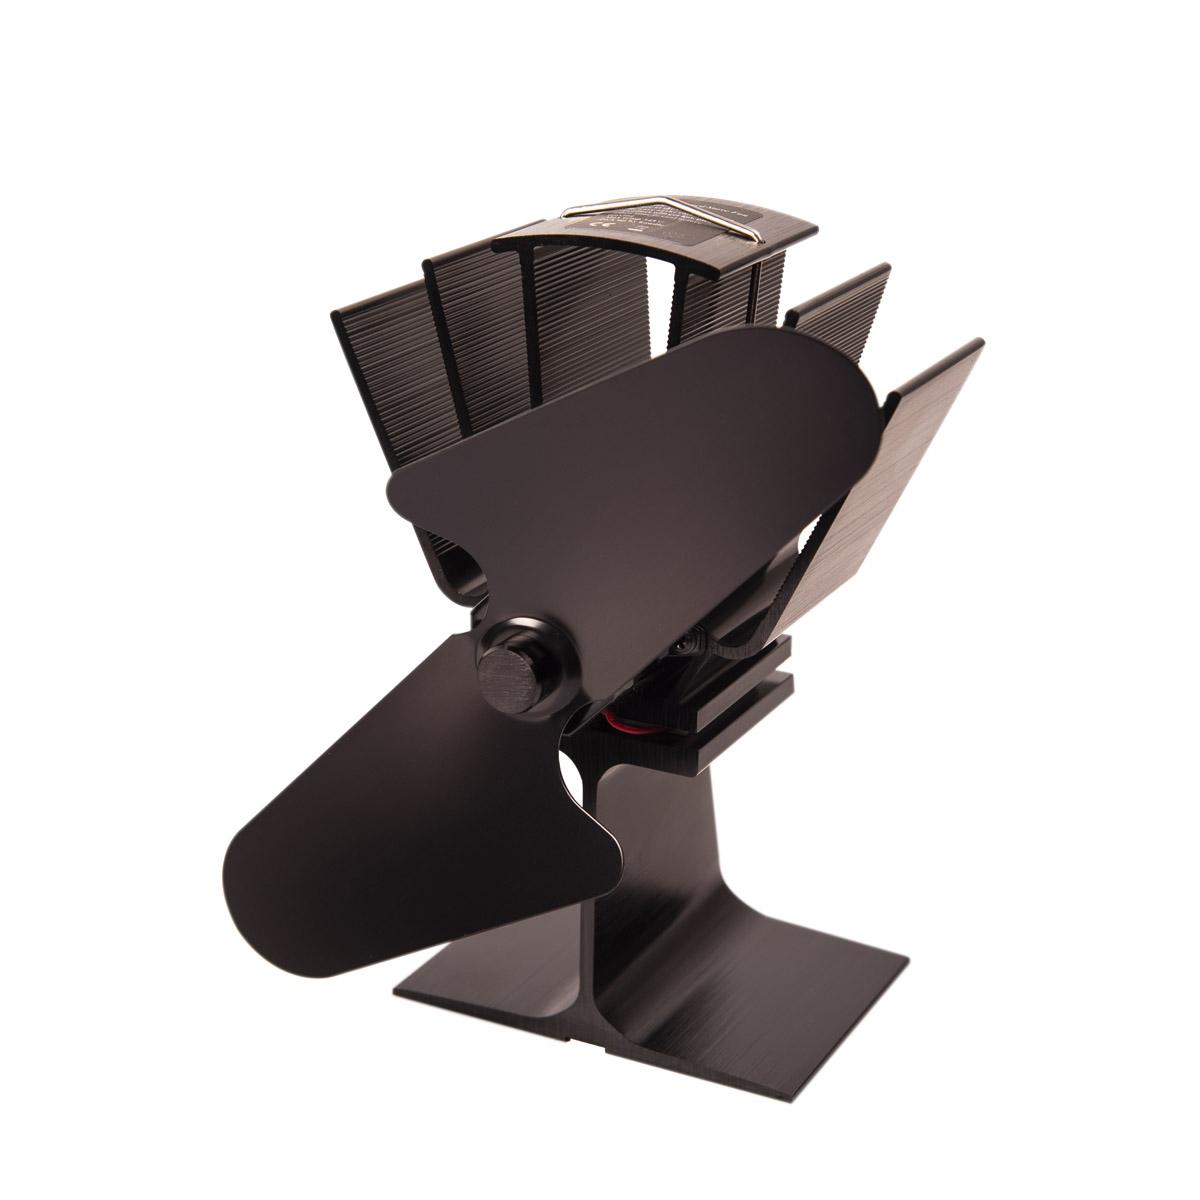 Ventilátor na kamna FLAMINGO dvoulopatkový, černý